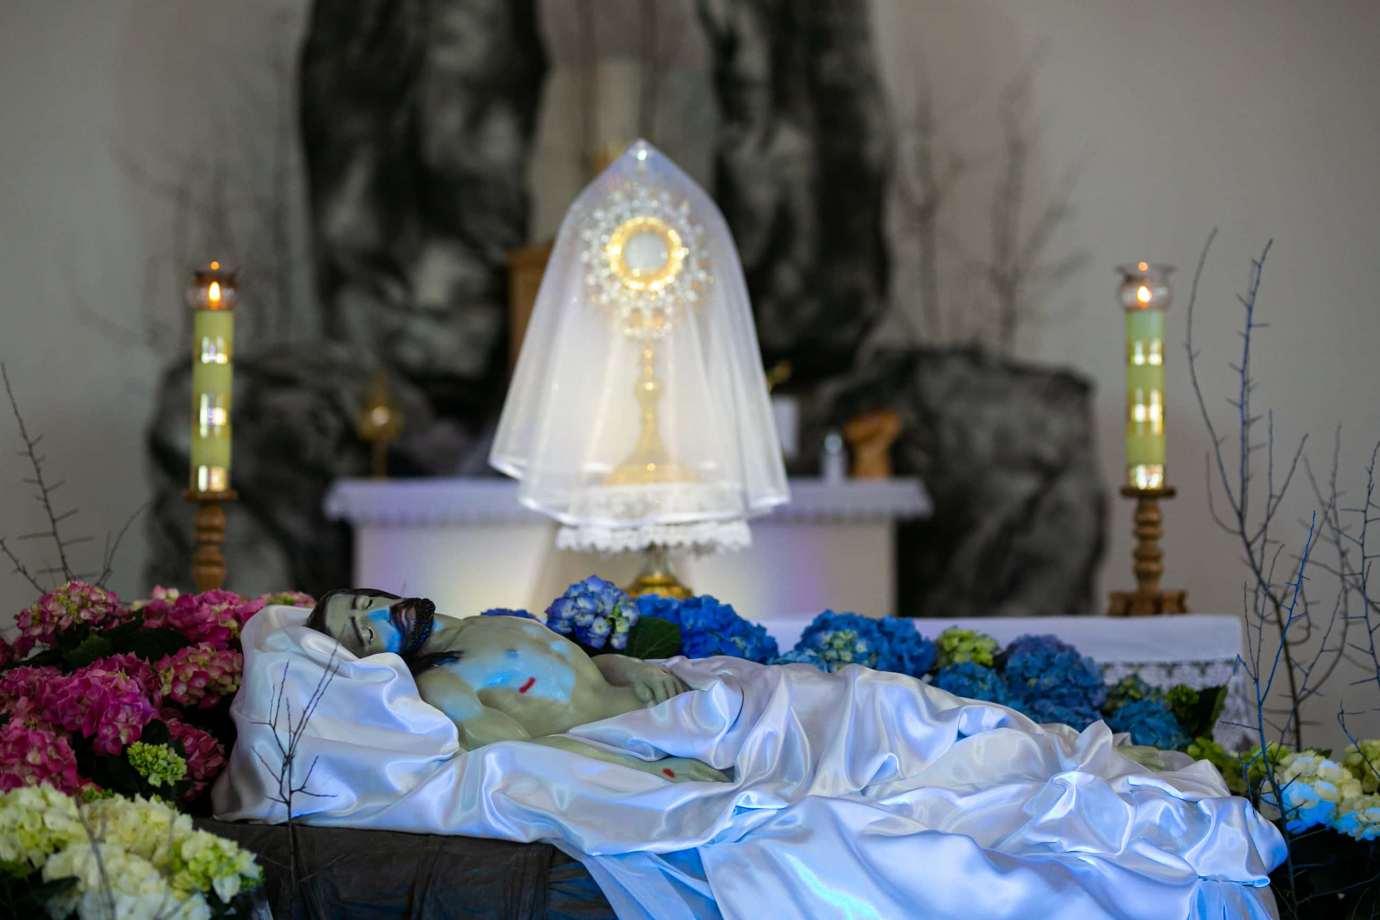 parafia pw swietego brata alberta w zamosciu 6 Zdjęcia grobów pańskich w zamojskich świątyniach